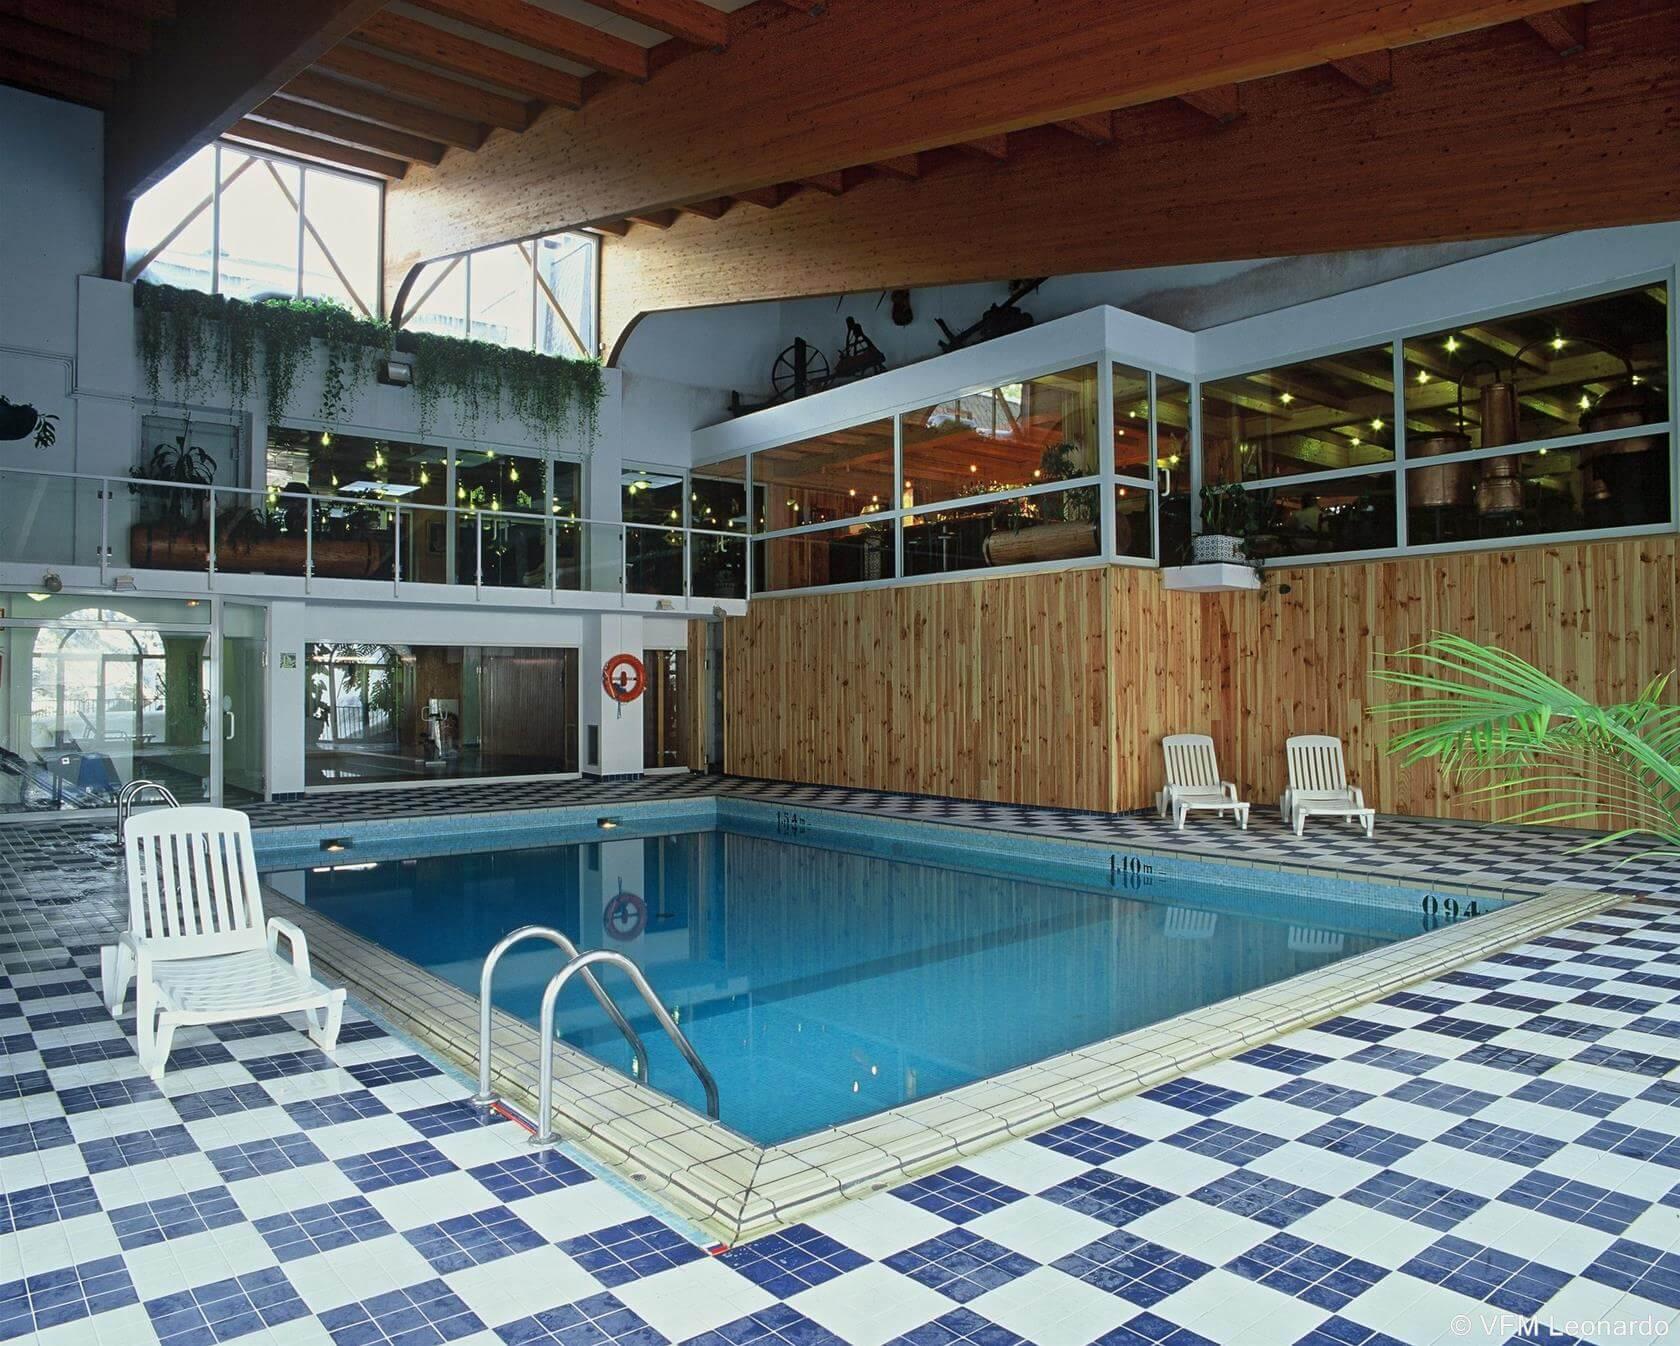 Hoteles en andorra con piscina climatizada for Hoteles con piscina climatizada